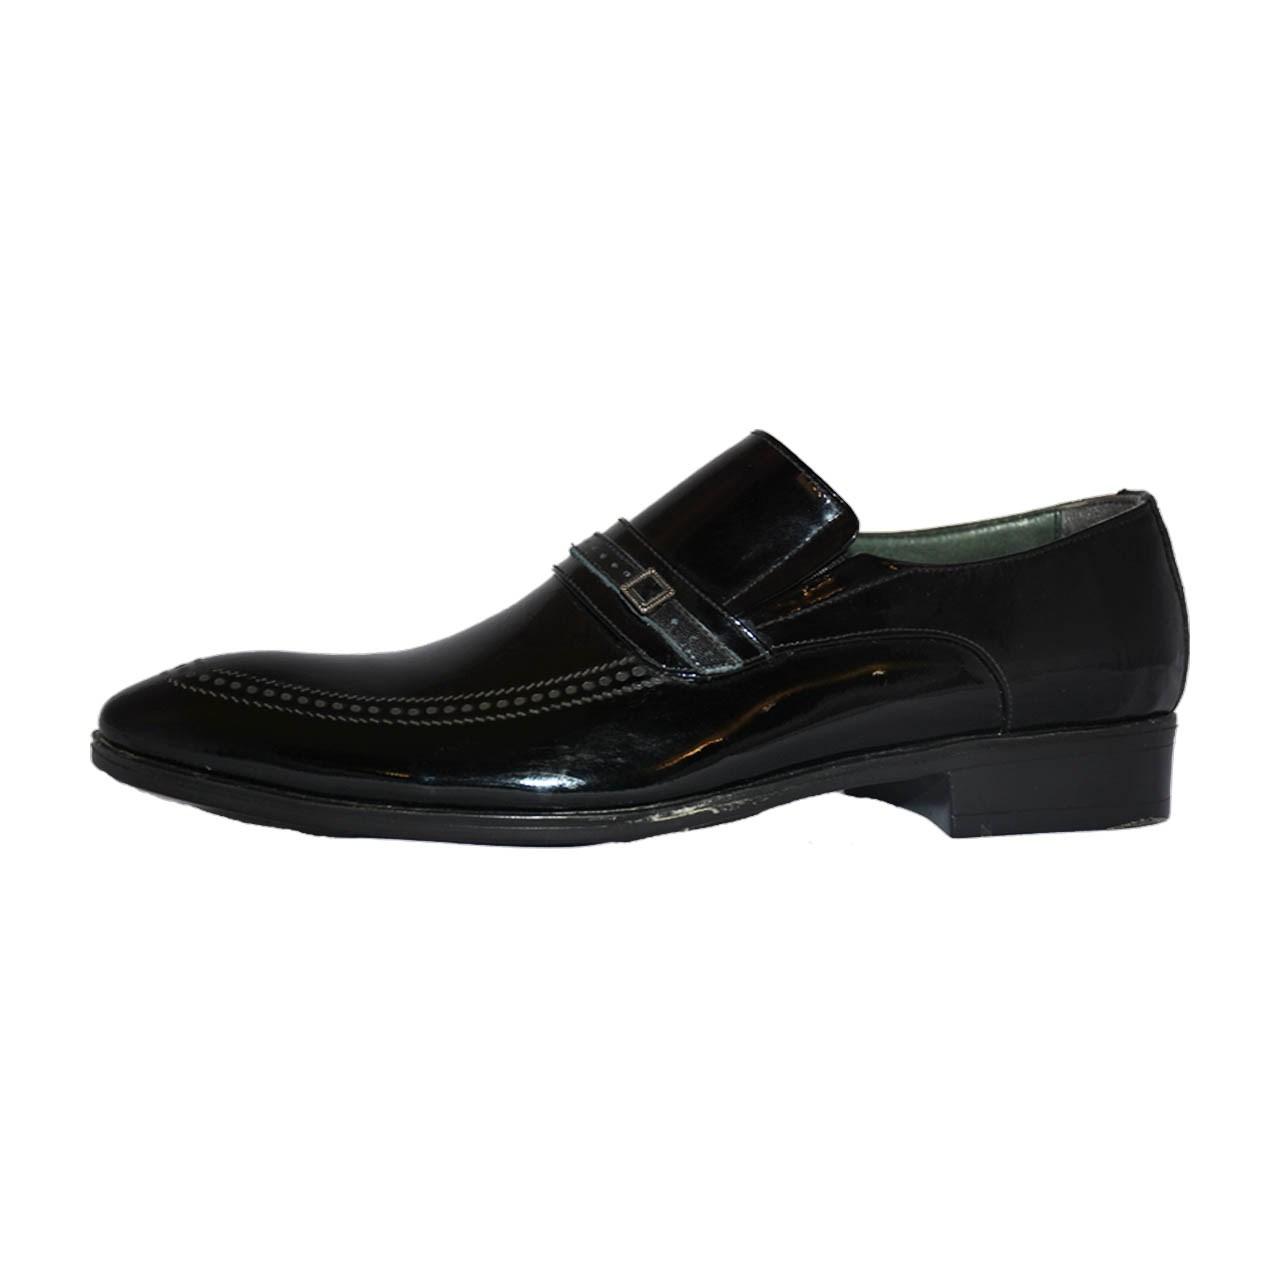 کفش مردانه کد 33